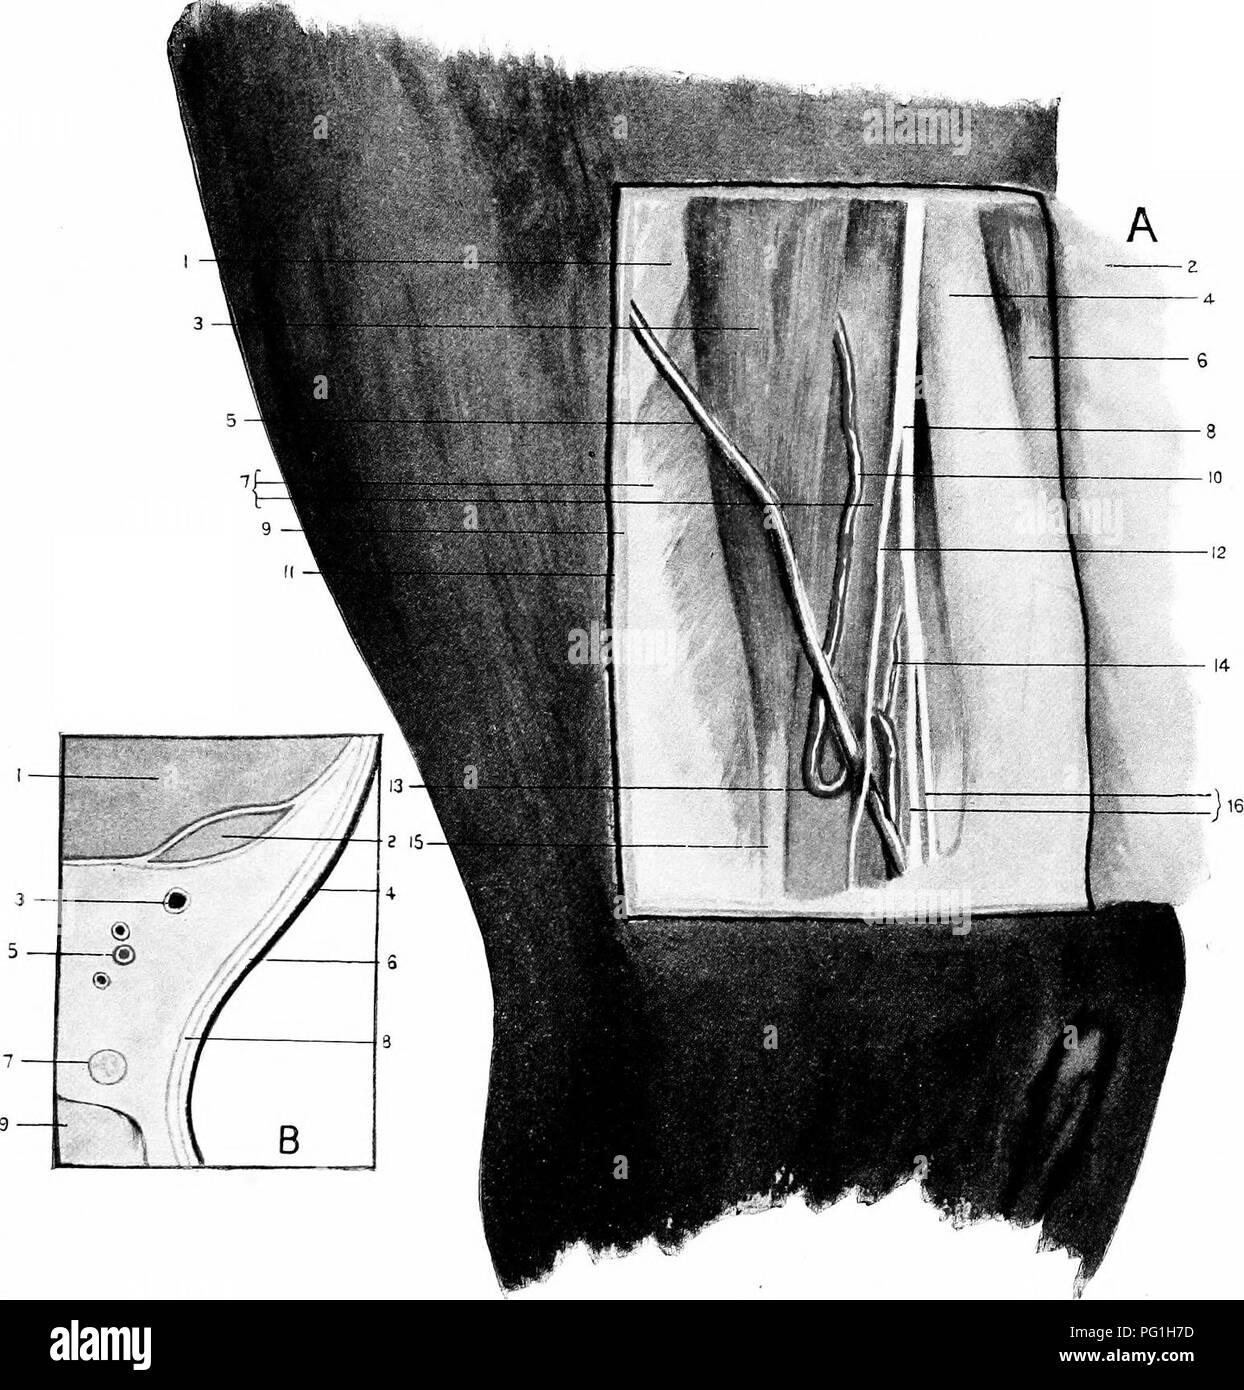 Posterior Tibial Artery Imágenes De Stock & Posterior Tibial Artery ...